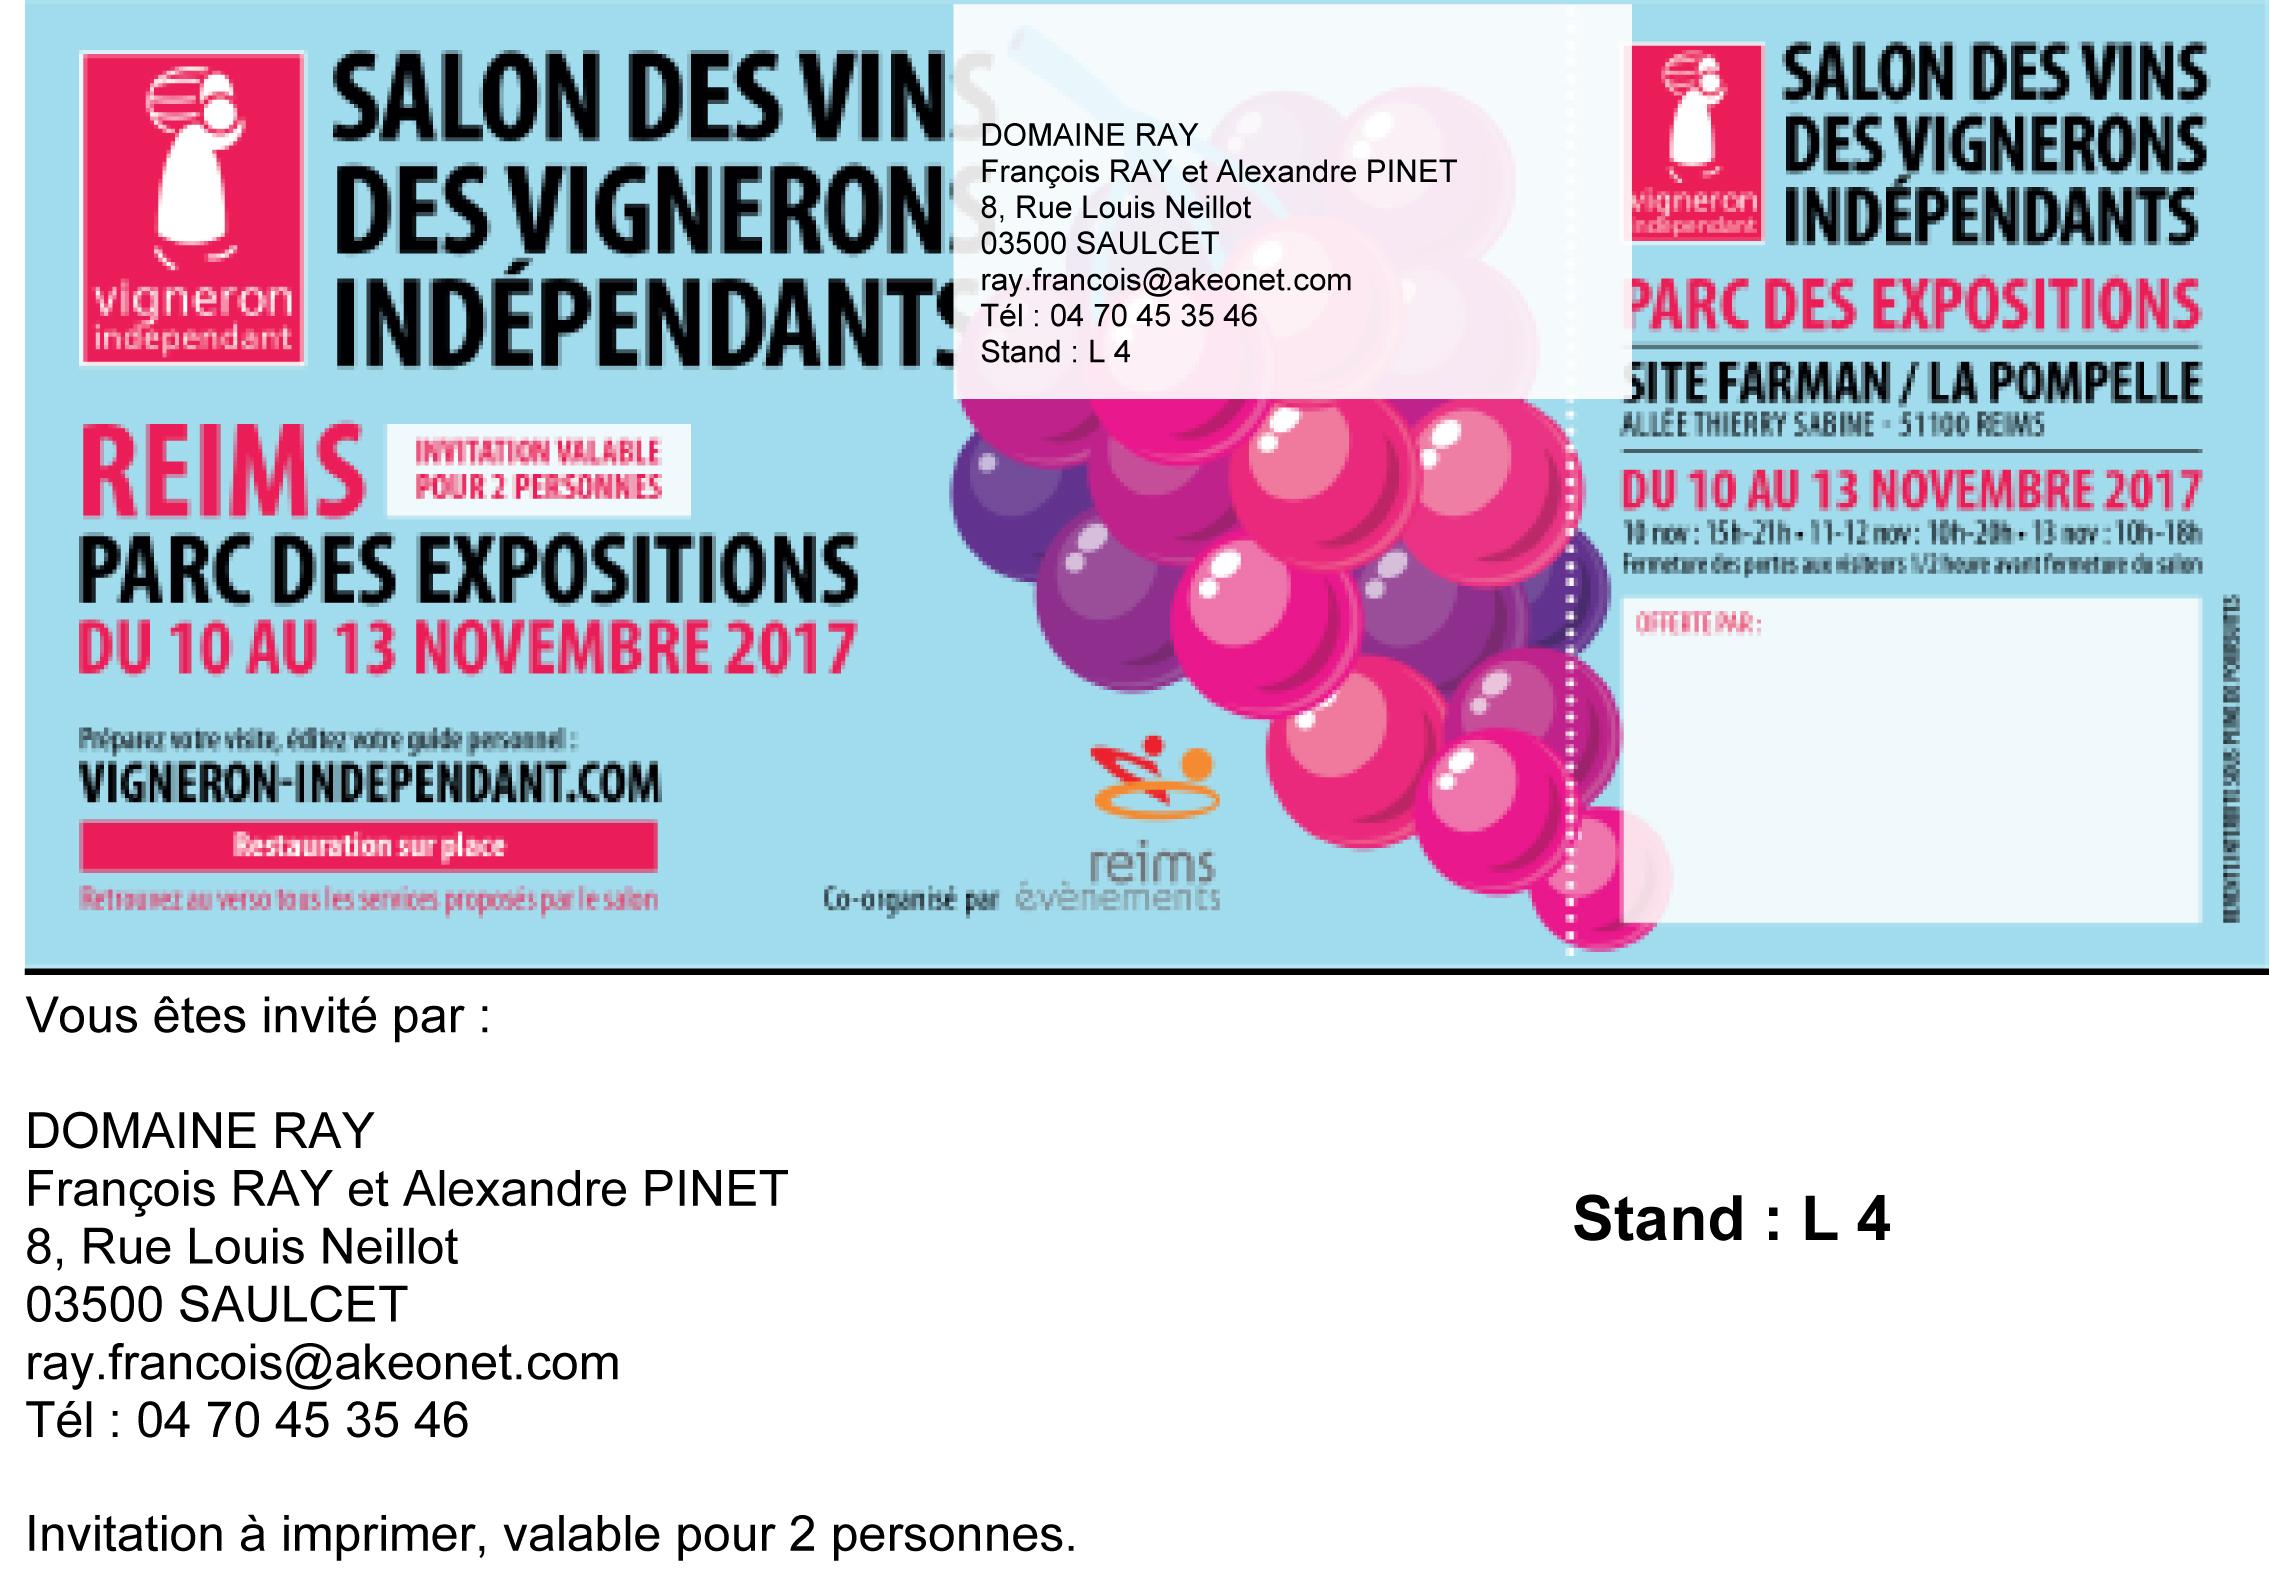 Vigneron saint pour ain sur sioule domaine ray for Salon du vin reims 2017